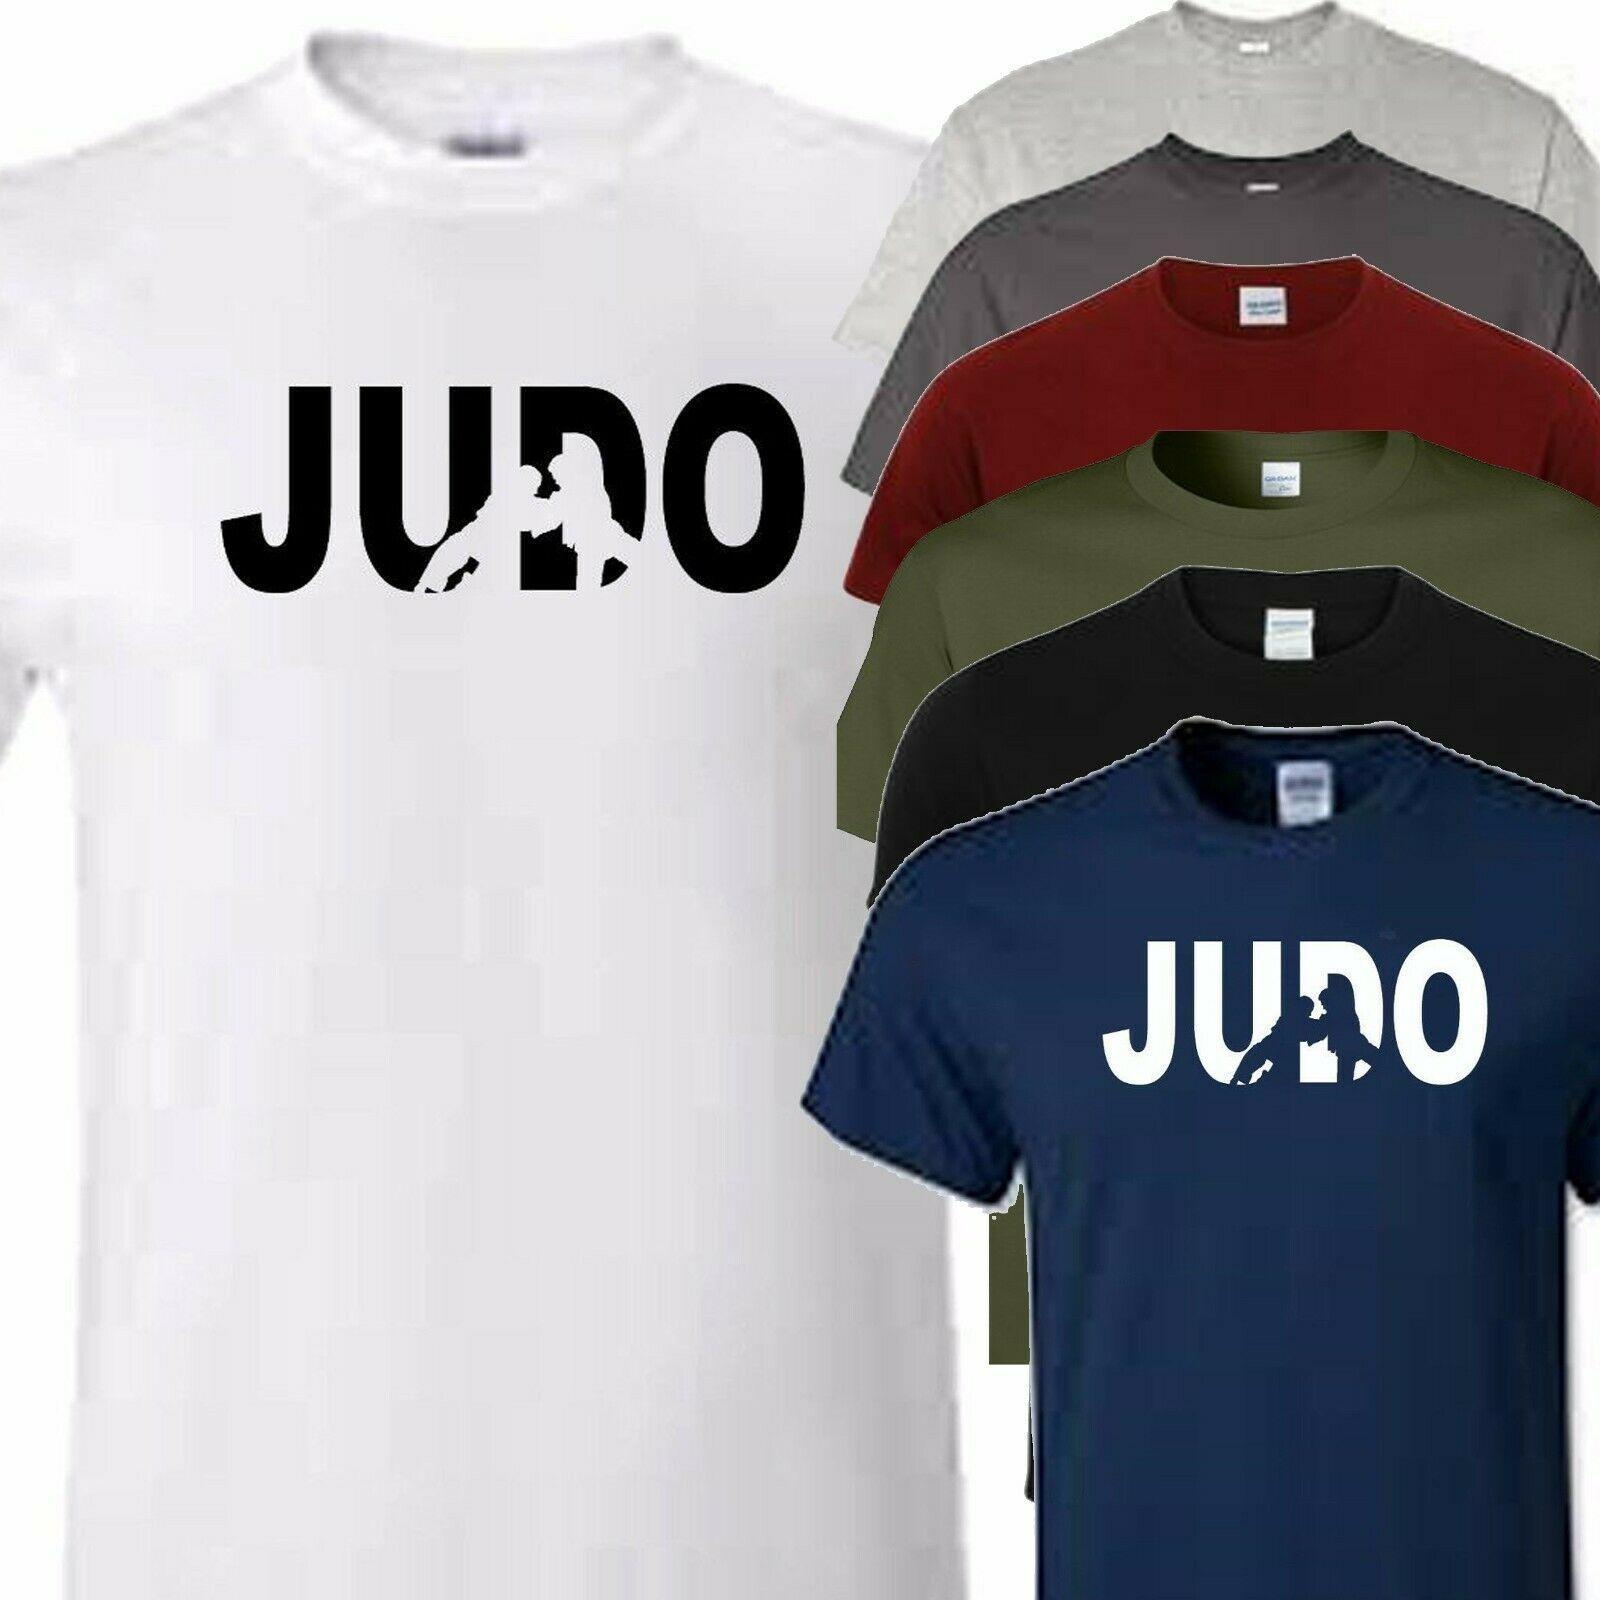 8d354574356 Compre Judo Artes Marciales Camiseta Todos Los Tamaños Niños Y Adultos  Tamaños Disponibles Hombres Mujeres Unisex Moda Camiseta Envío Gratis A  $13.91 Del ...